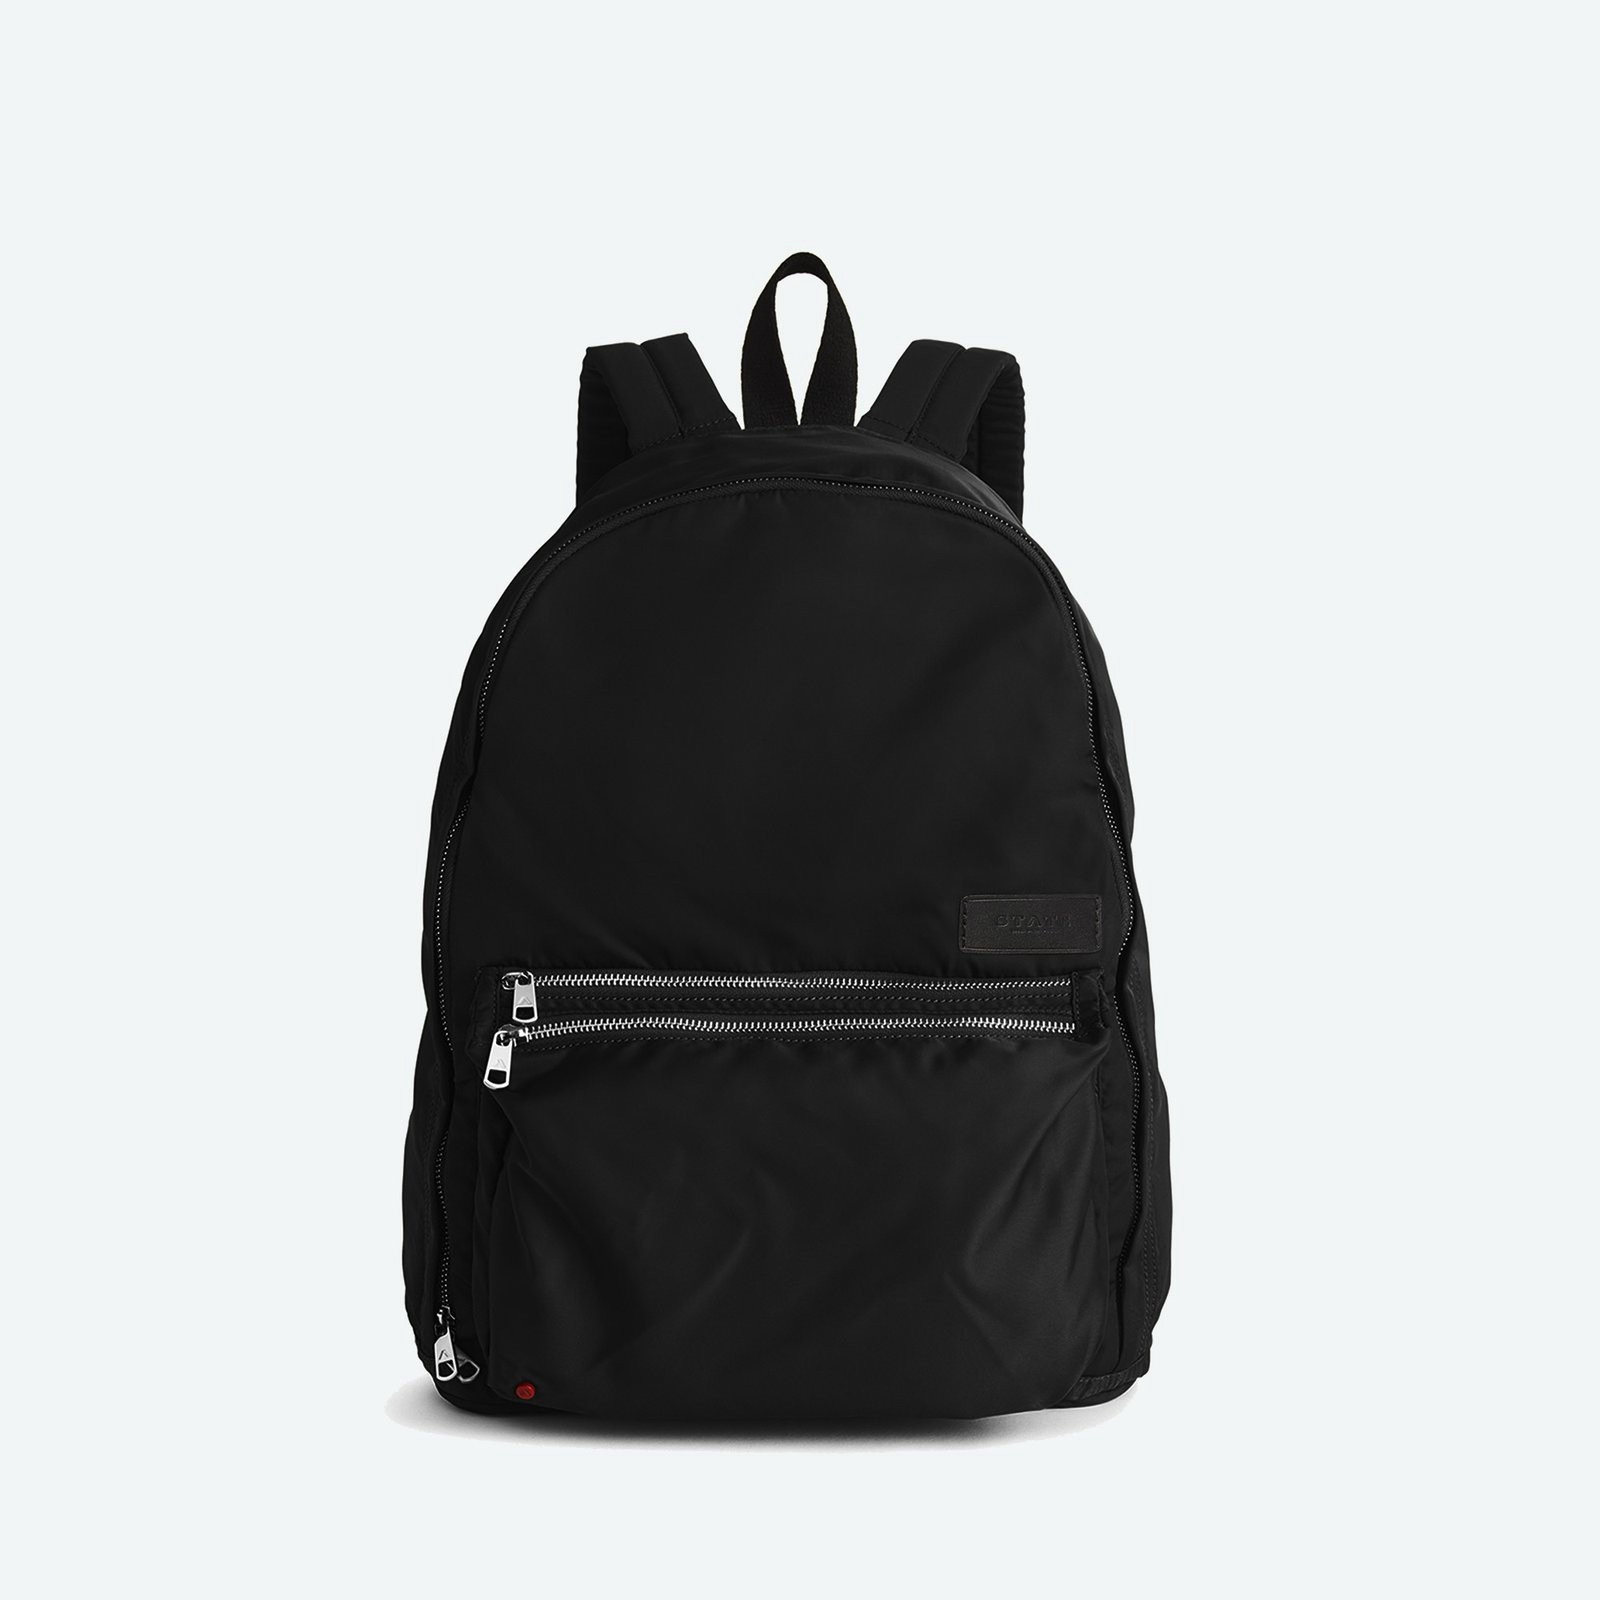 0d2ec09e4b86 STATE BAGS Lorimer.  statebags  bags  backpacks